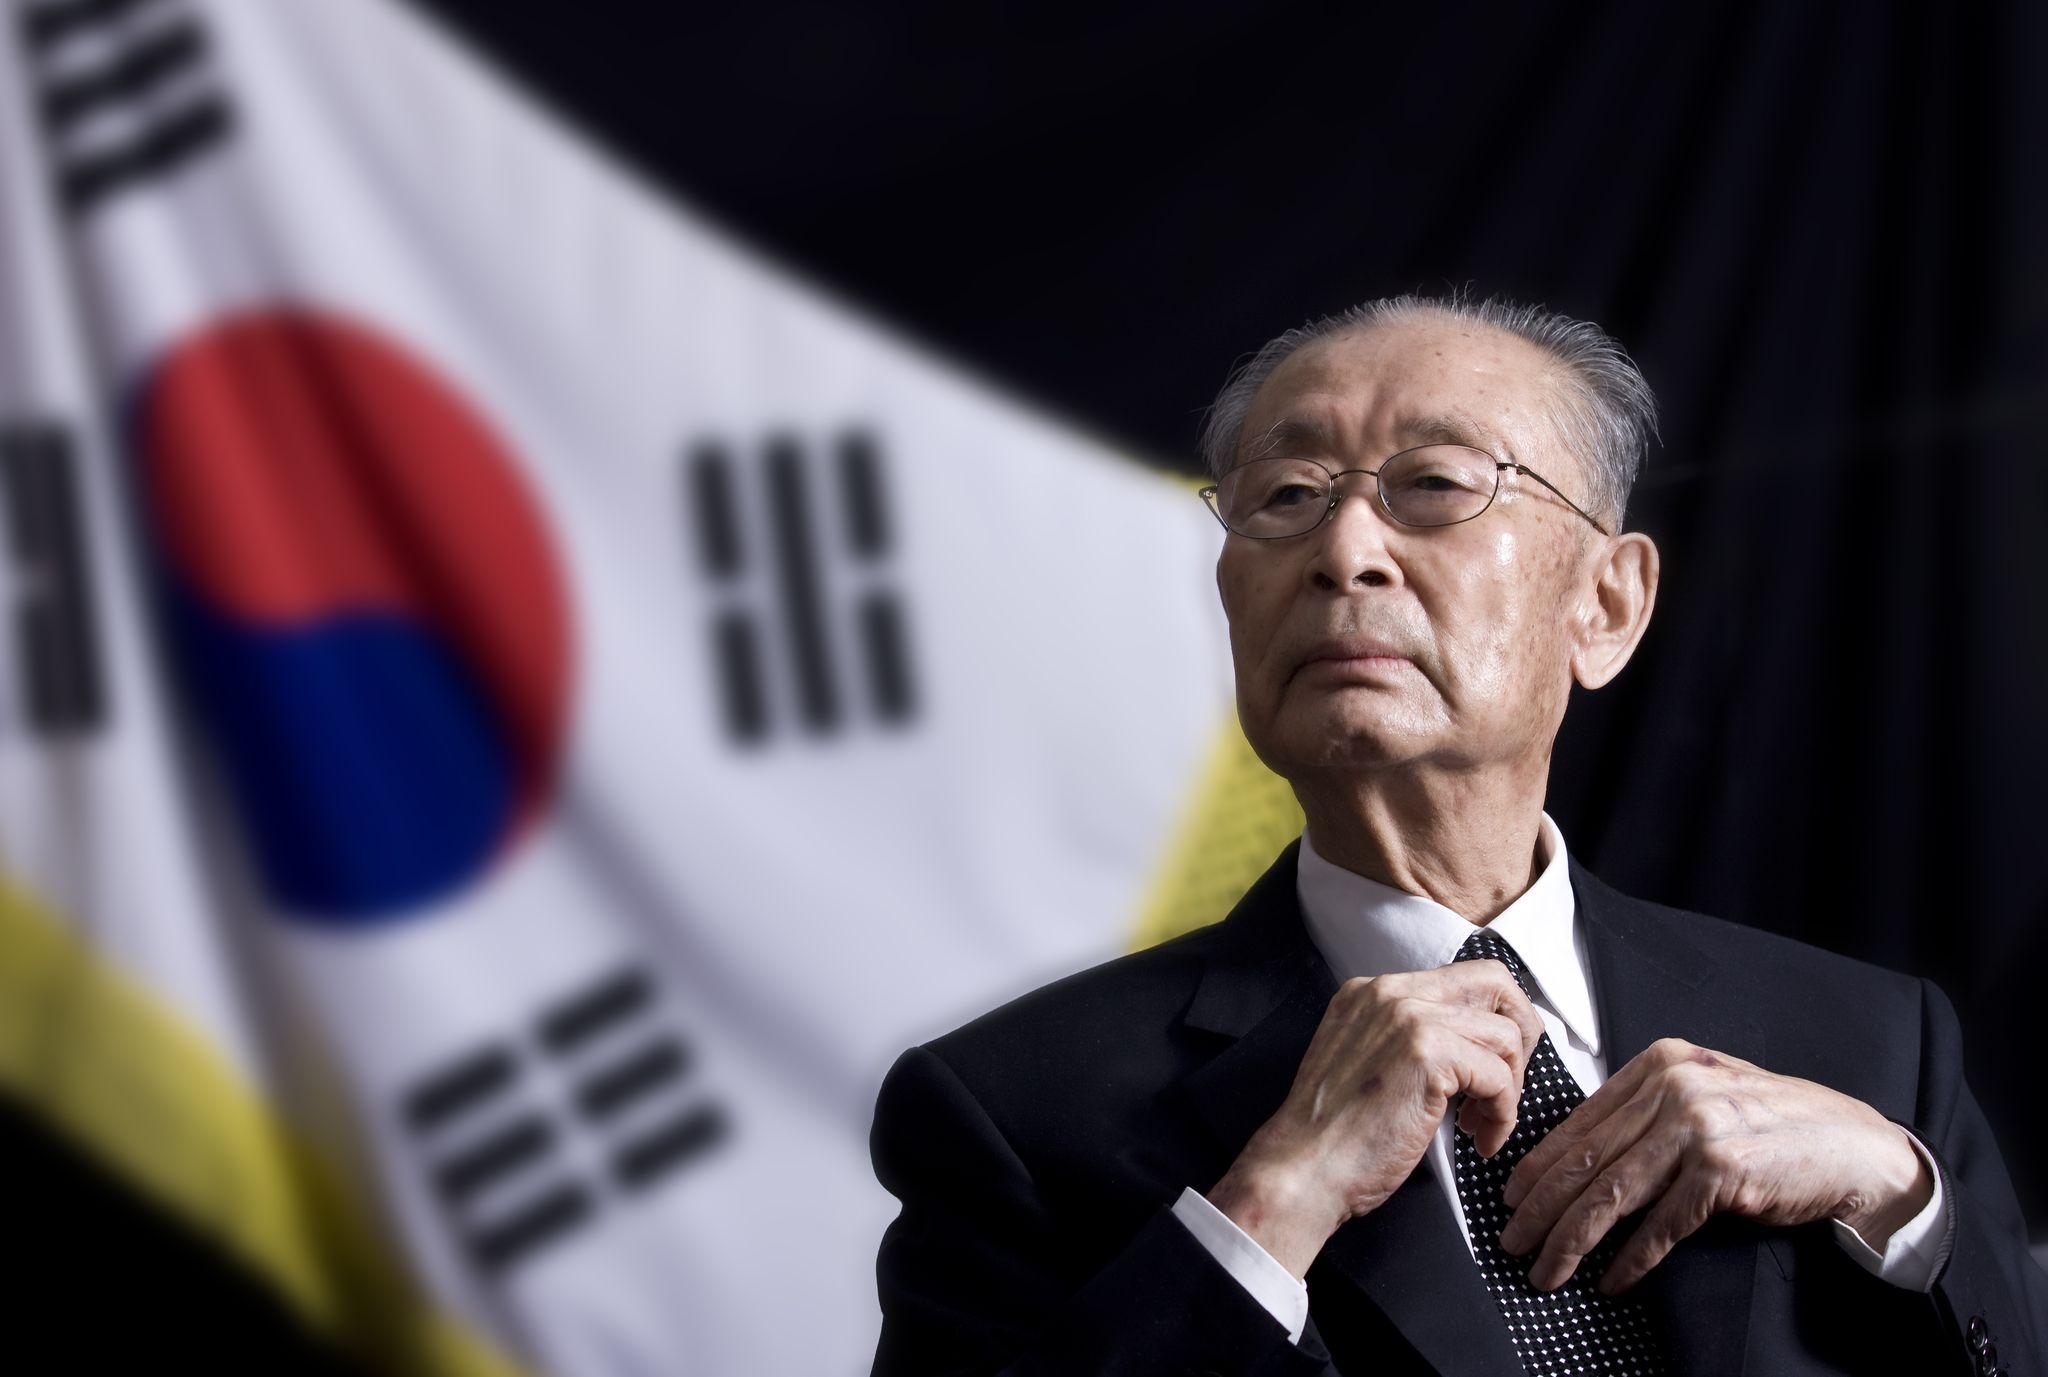 보훈처 백선엽 장군 유족, 대전현충원 안장 신청…절차 진행